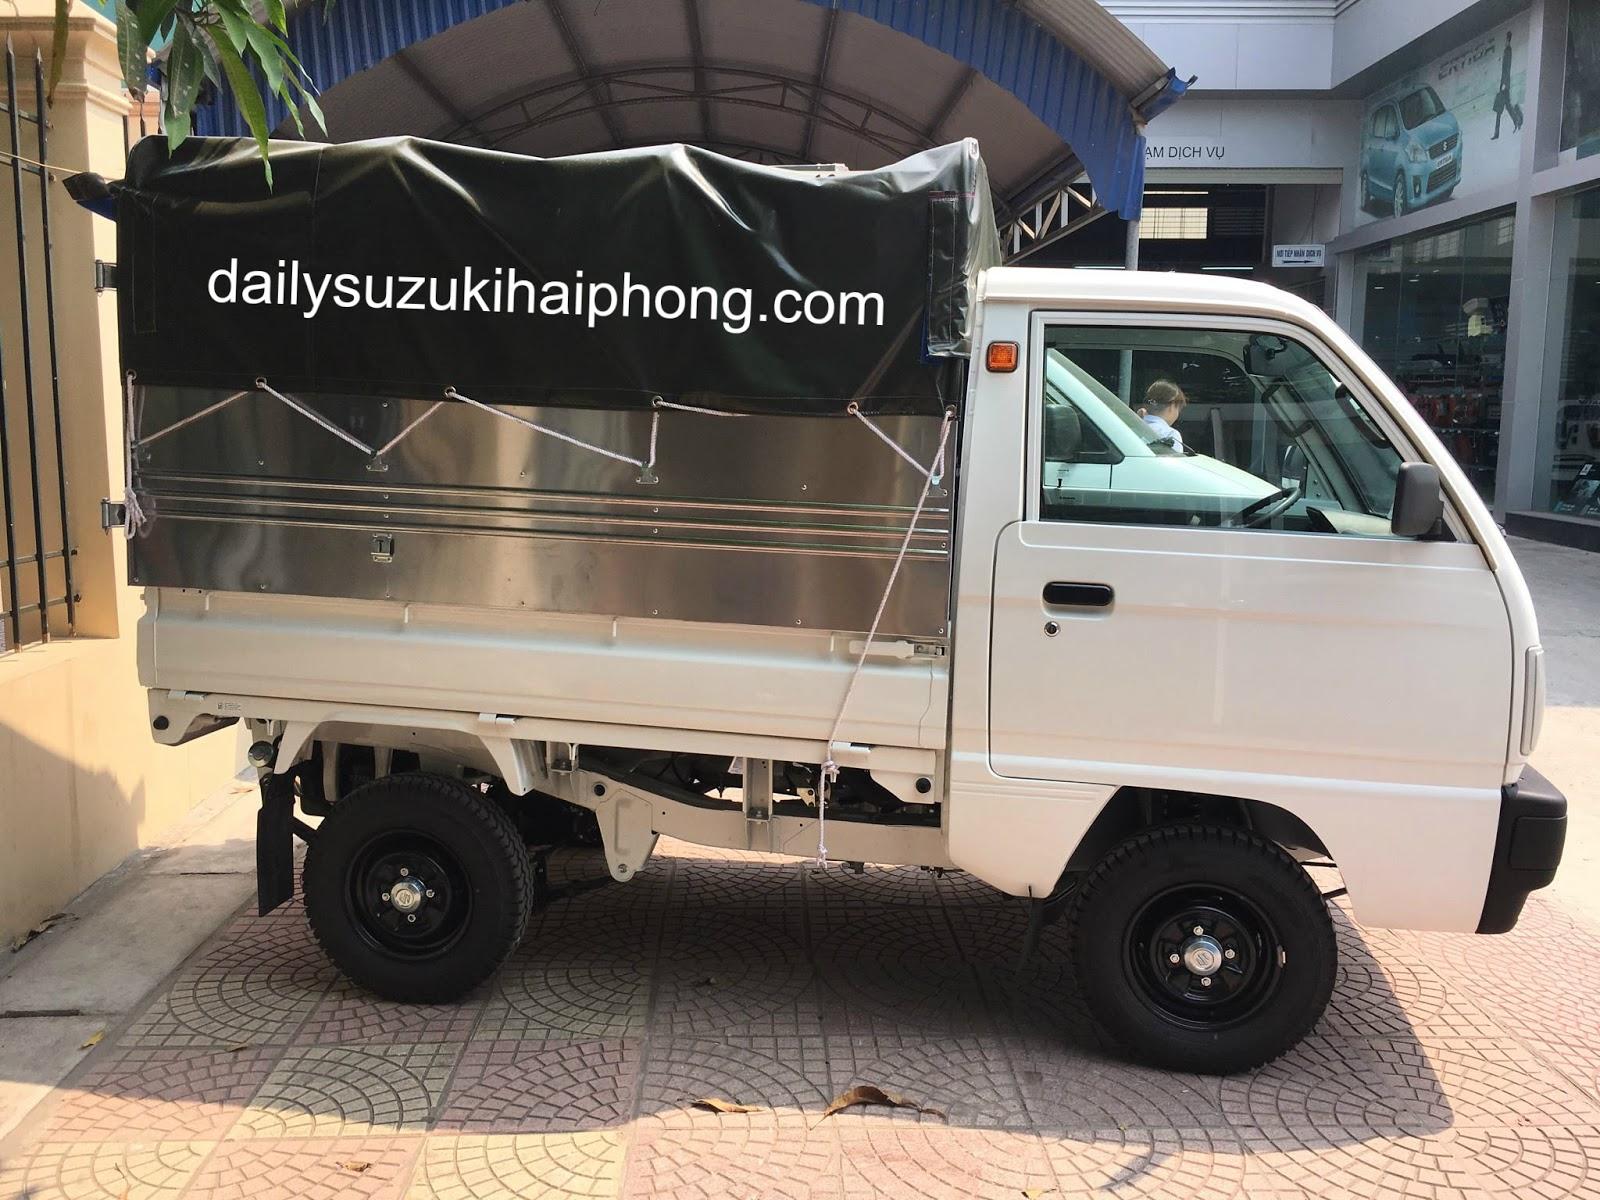 Suzuki 5 ta Hai Phong